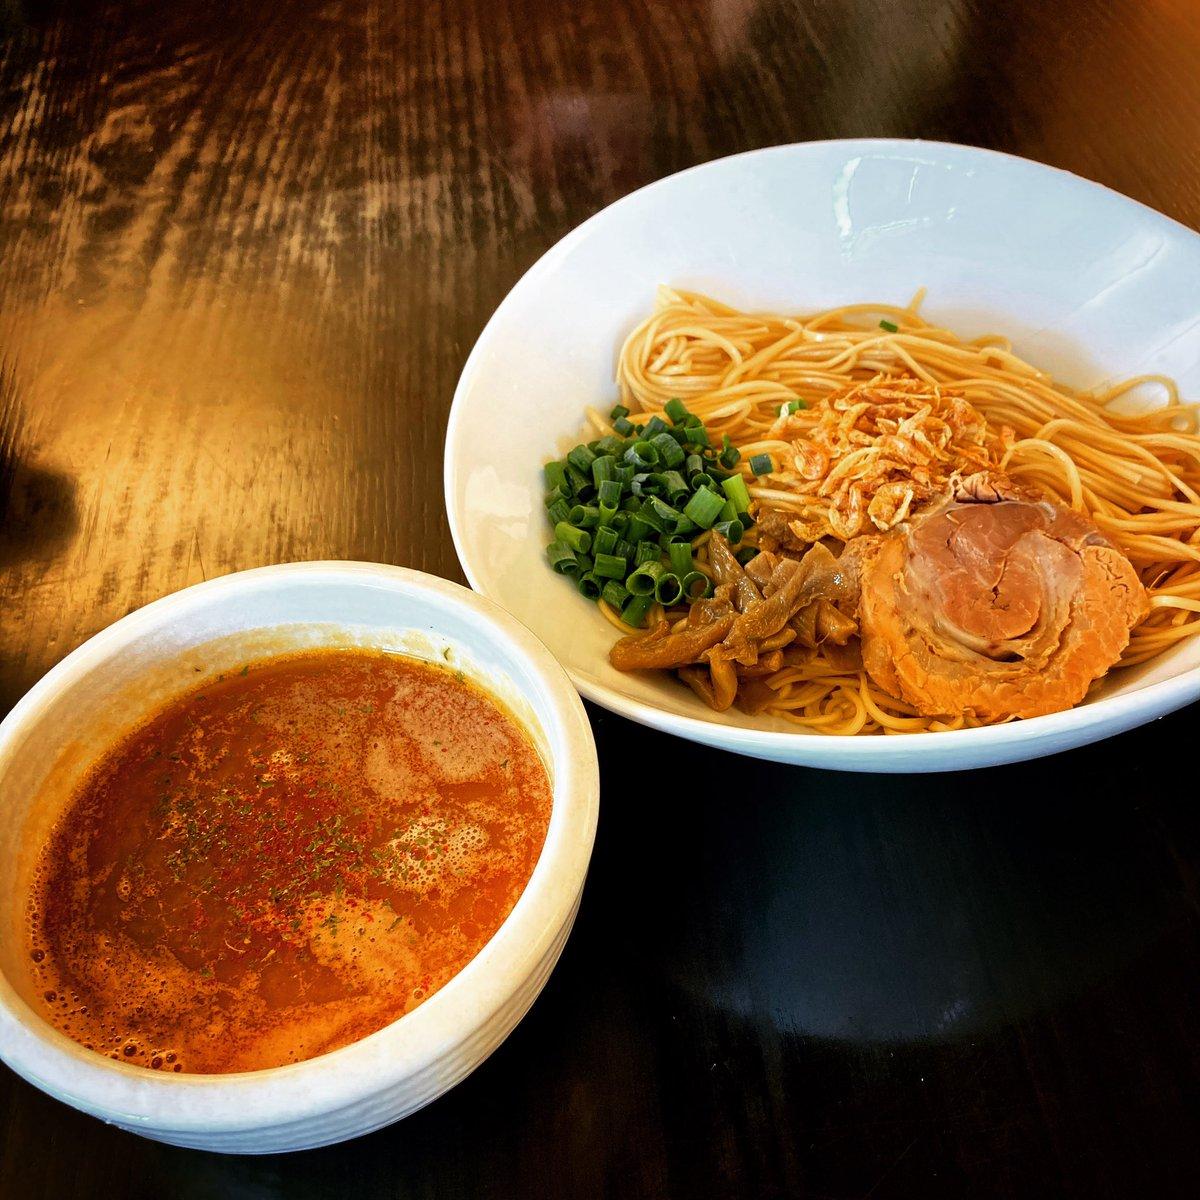 先日行った地元のお気に入り、竜神洞。 何年も前に稲庭中華麺を食べた時はイマイチかなぁと思いつつ…食べたら普通に美味かった(笑) あの時は体調悪かったんかな…(・・;) これ、また食べたい。 #lunch #ramen #noodles #冷やし稲庭海老つけ麺 #竜神洞 #加須 #麺が大好き藤崎さん https://t.co/n8vMJPsTSg